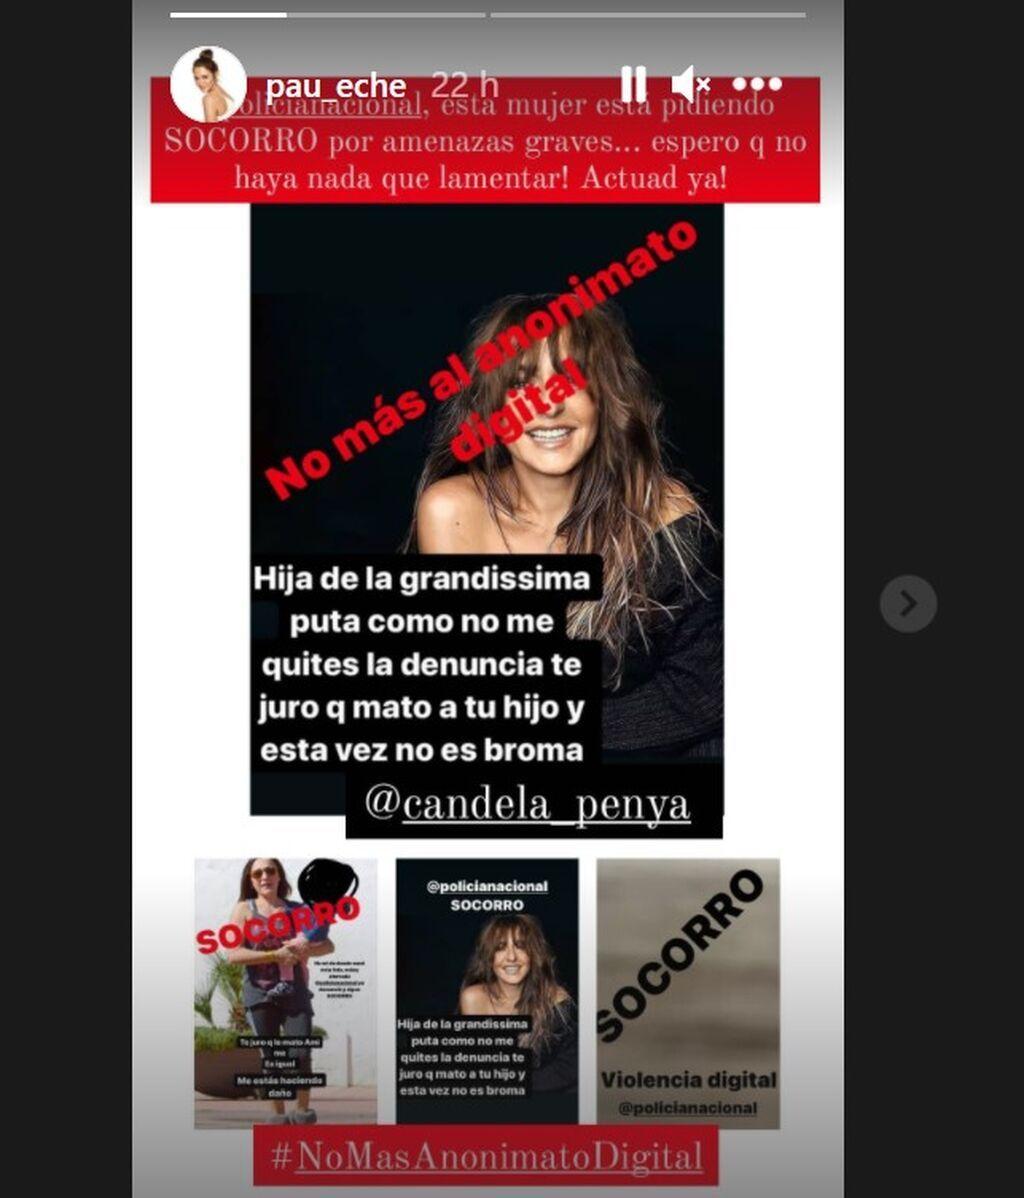 Mensaje de apoyo de Paula Echevarría tras la denuncia de Candela Peña